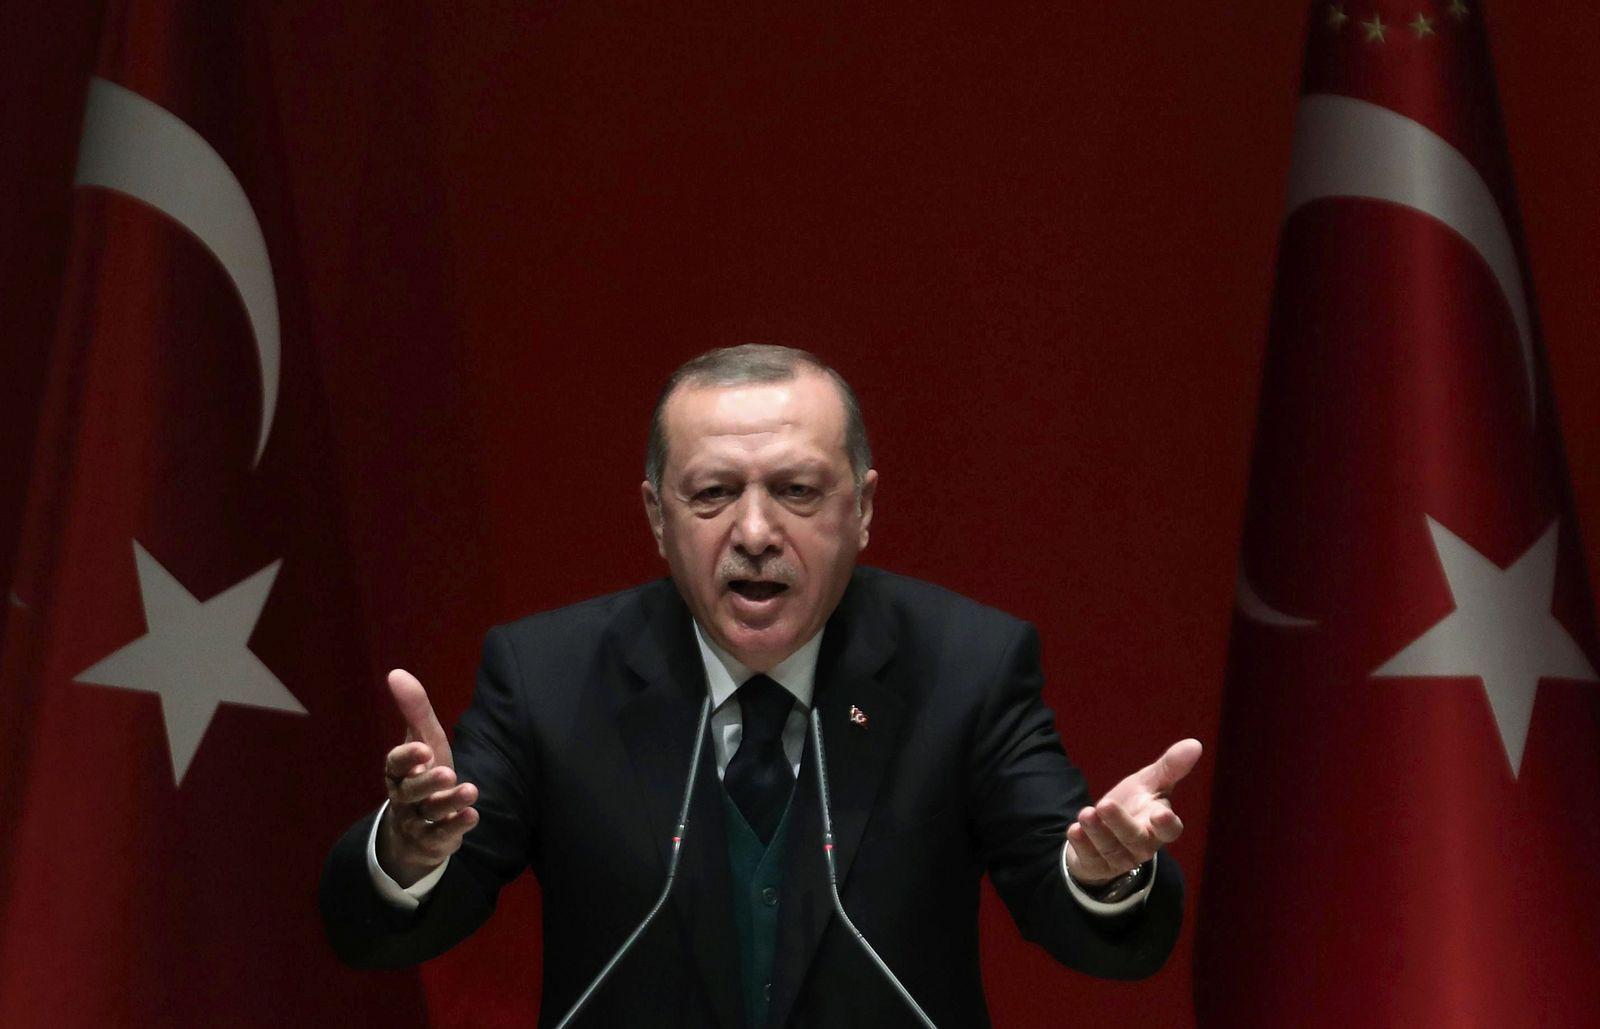 TOPSHOT-TURKEY-POLITICS-ERDOGAN